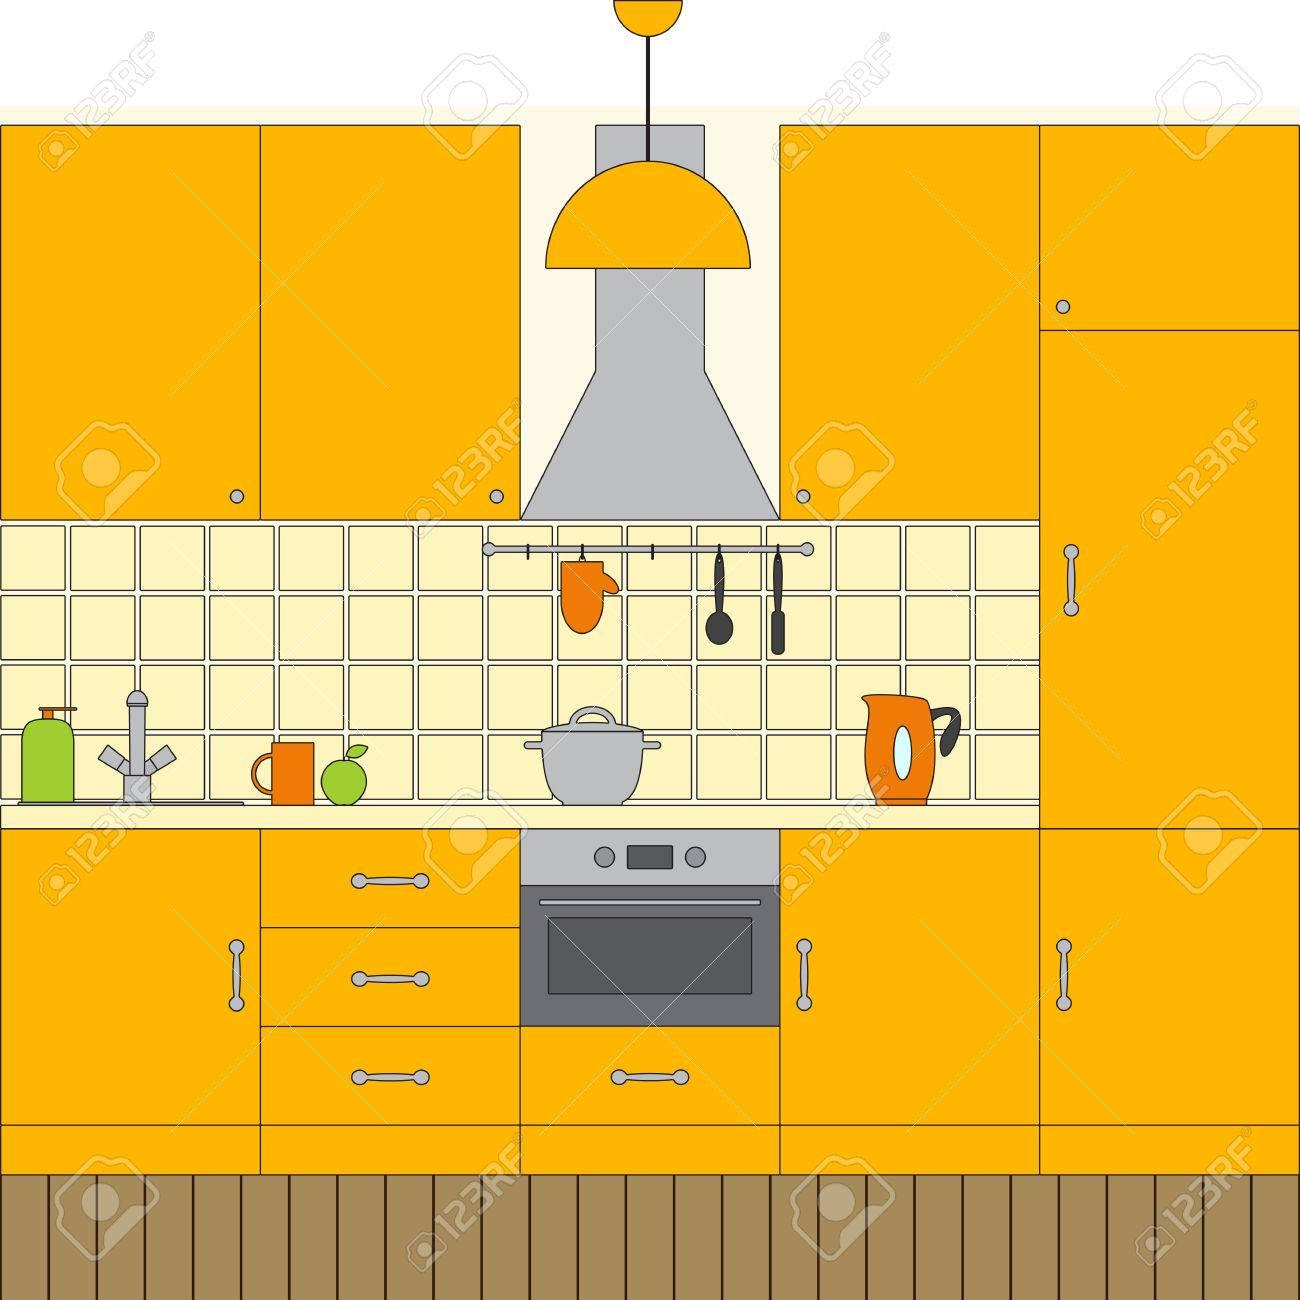 Liner Flach Küche Gesetzt. Möbel, Abzugshaube, Einbaugeräte ...